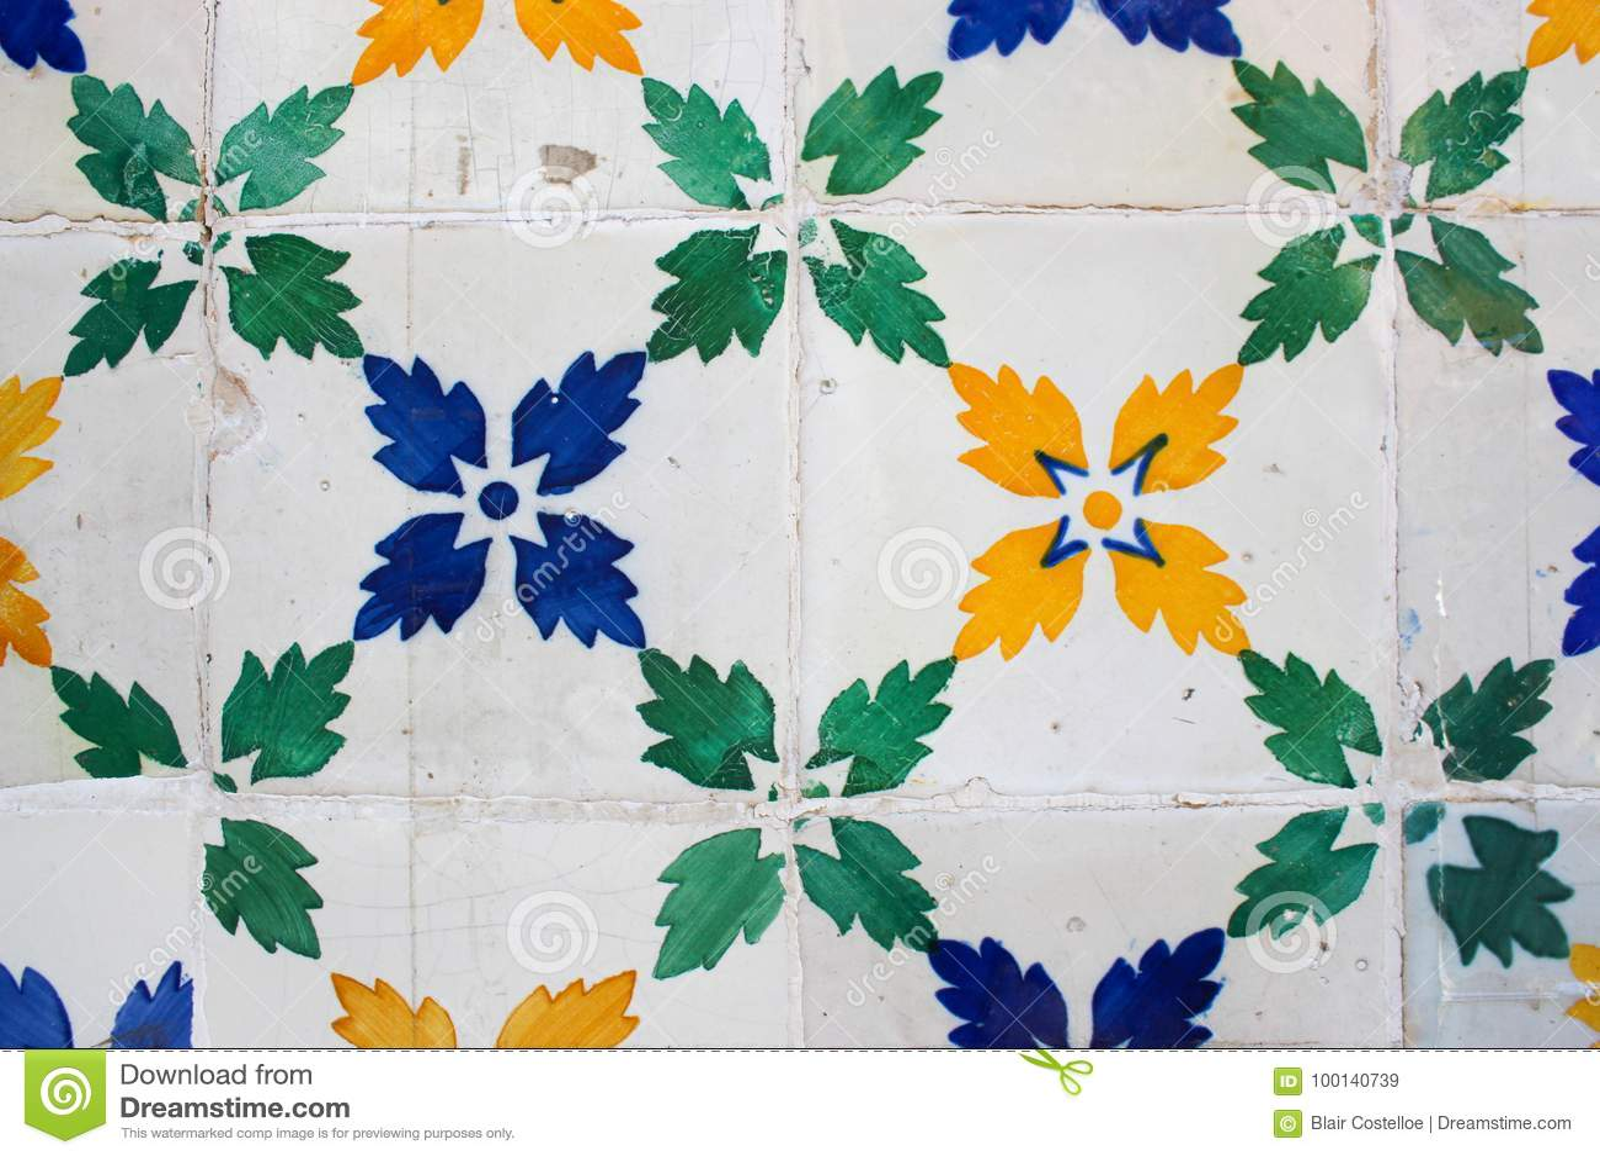 Зеленый, синь и желтый цвет лист-сделал по образцу плитки на здании в Lis